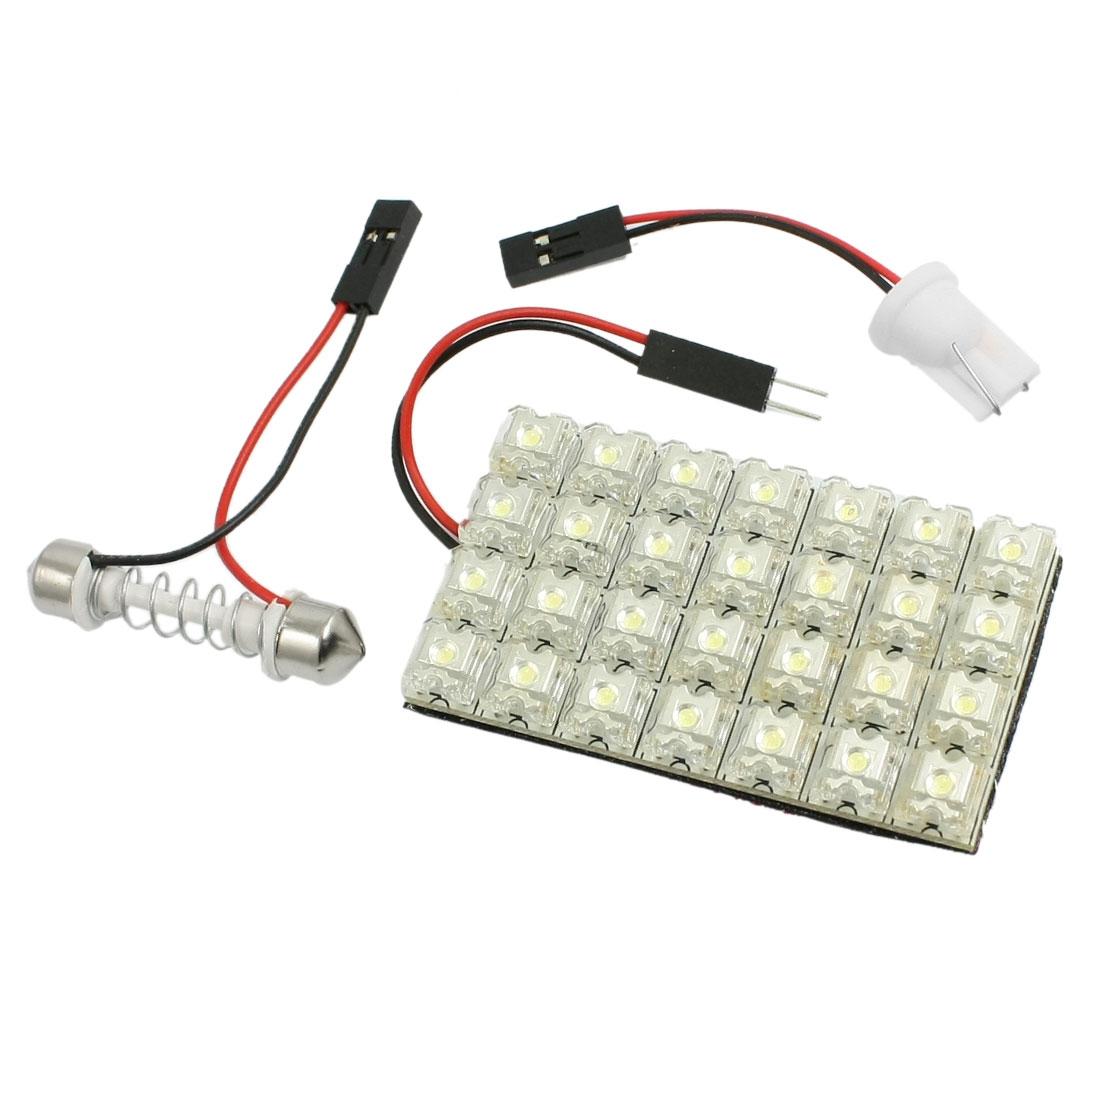 White 28 LED Flux Car Interior Room Festoon Dome Light Lamp + T10 Adapter